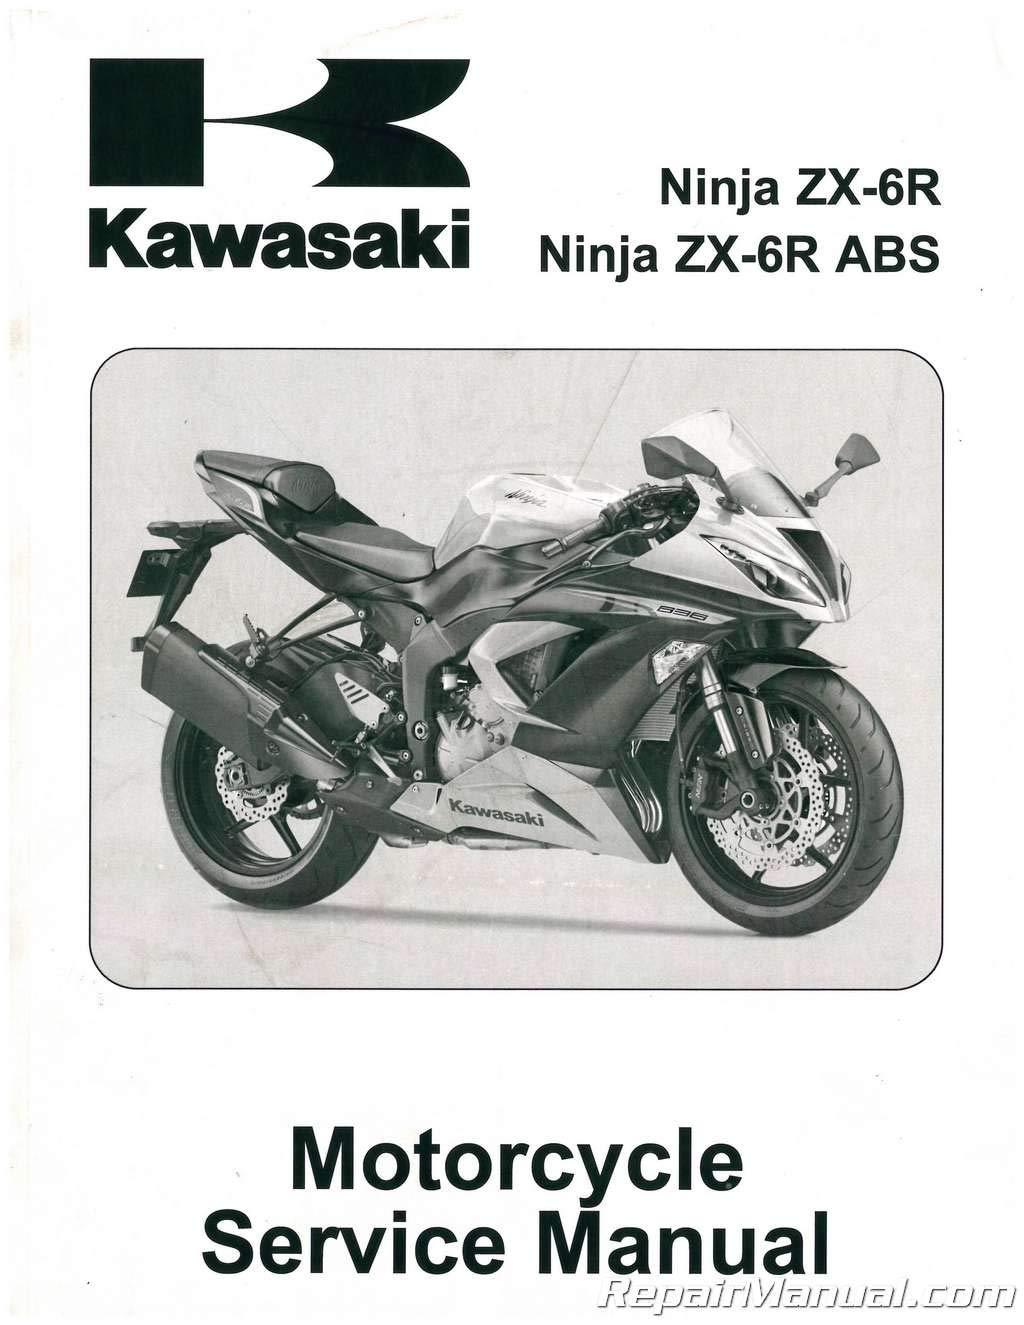 99924-1462-03 2013 - 2015 Kawasaki ZX636E/F Ninja 600 ZX-6R ...